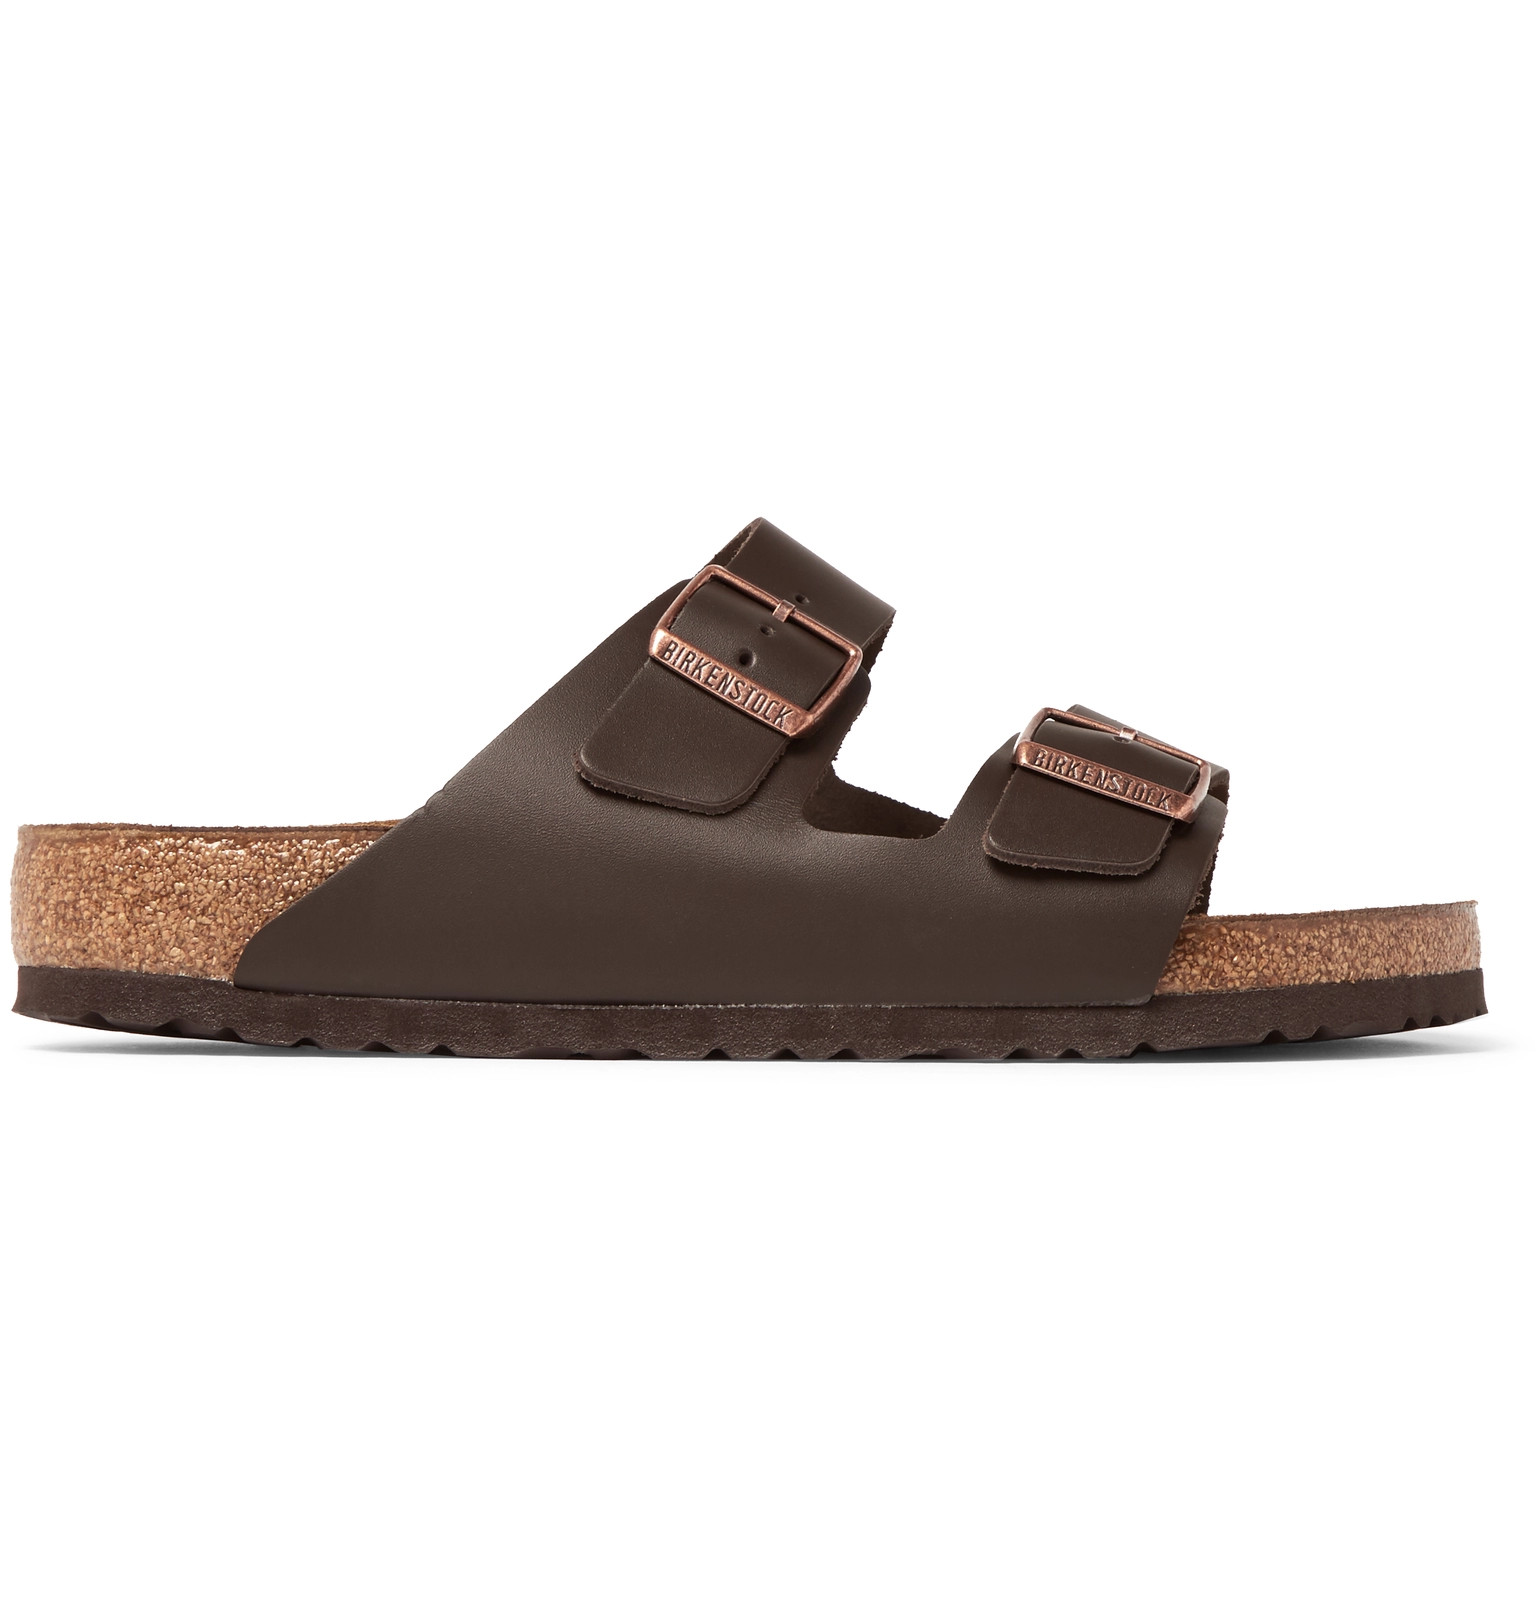 b9366abf0eee Birkenstock arizona leather sandals jpg 1536x1604 Birkenstock popular  sandals